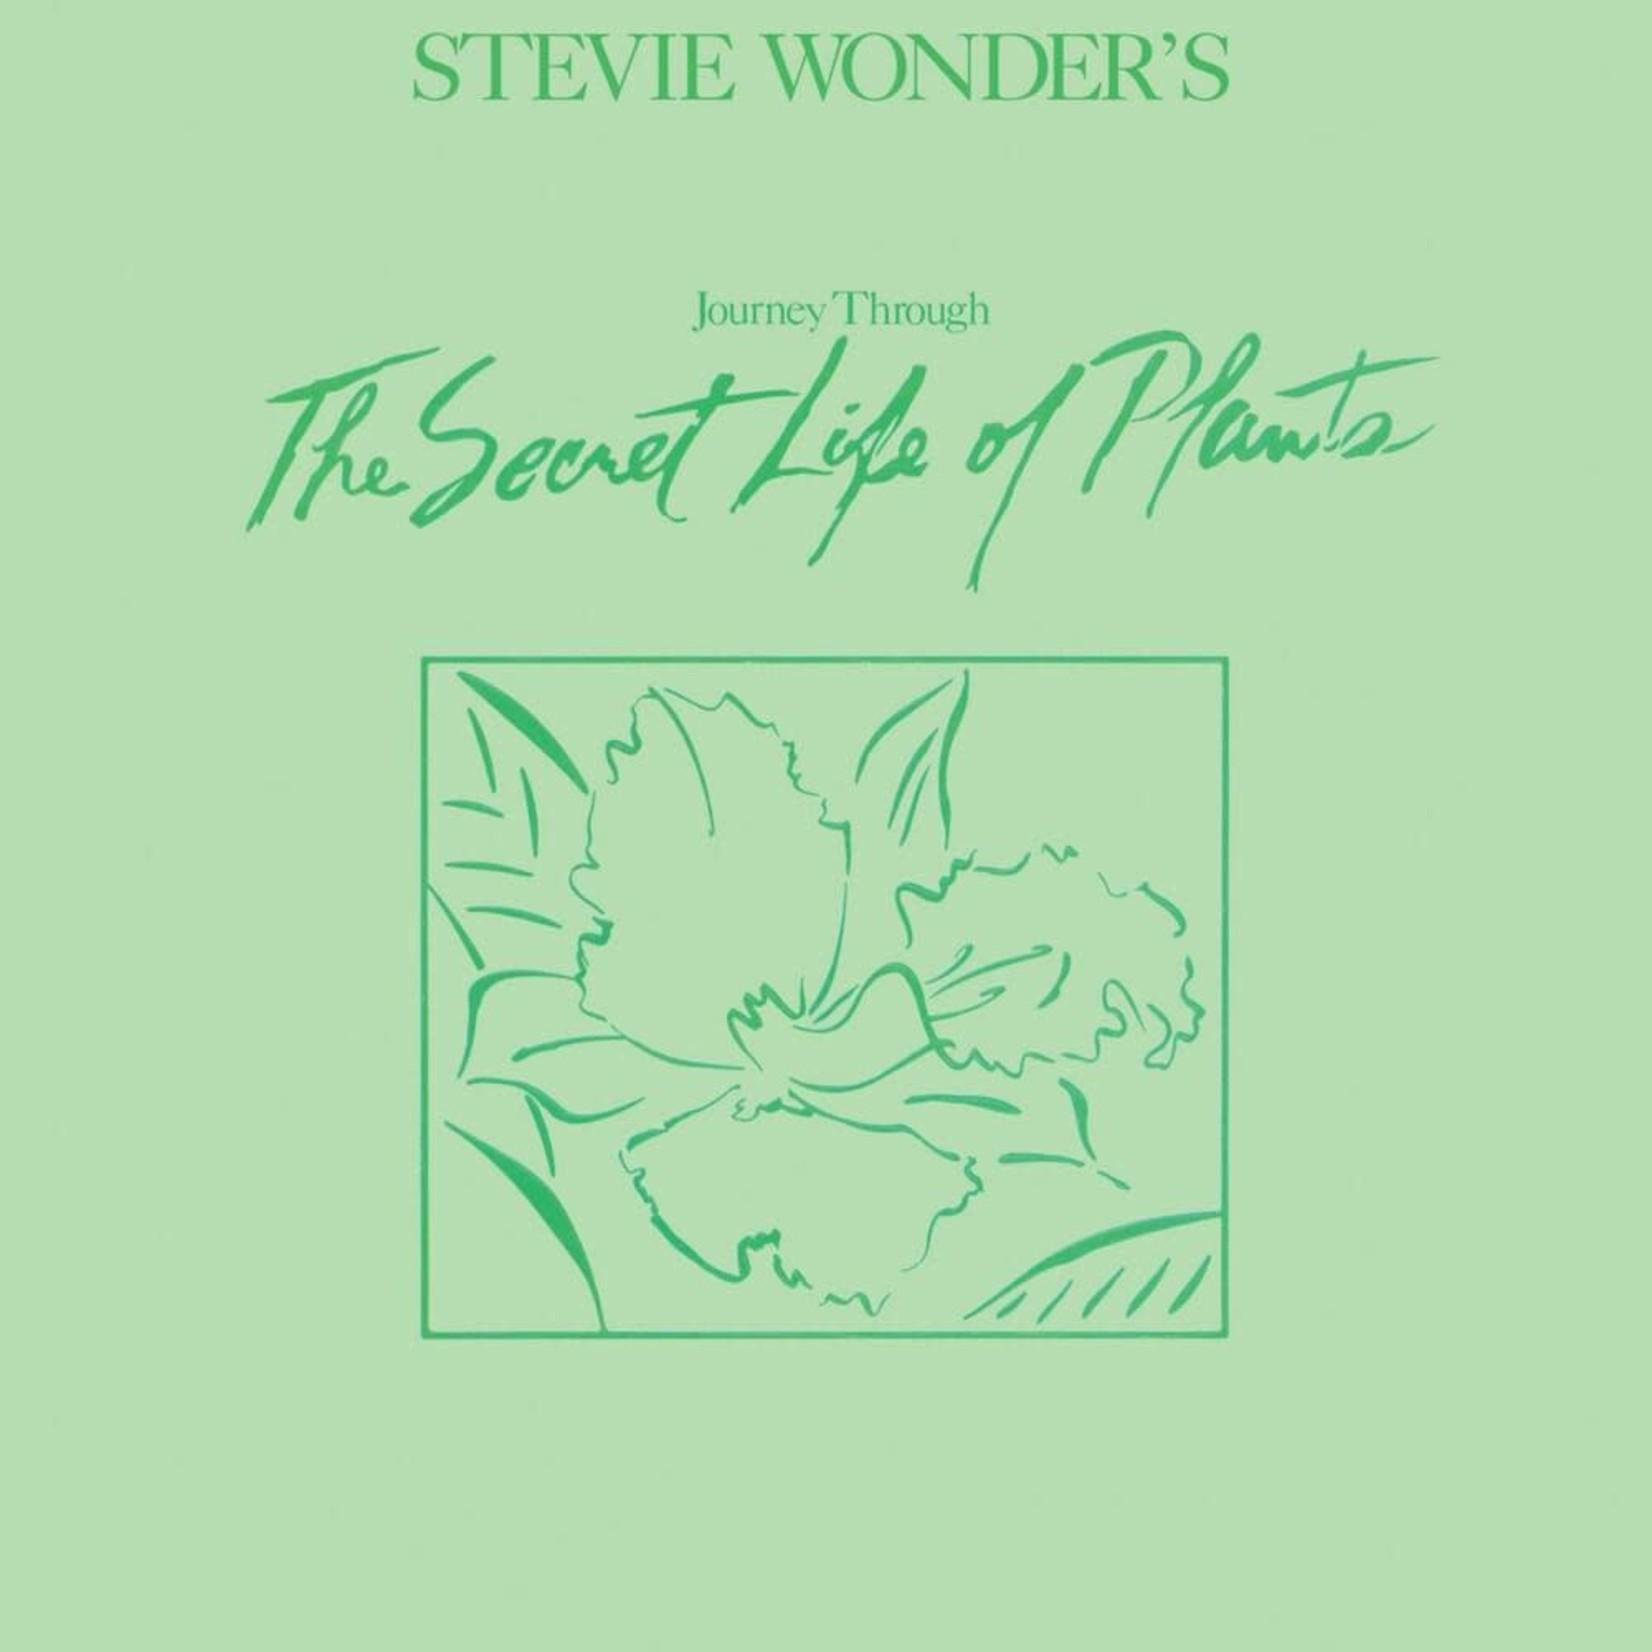 [Vintage] Wonder, Stevie: Journey Through the Secret Life of Plants (2LP)